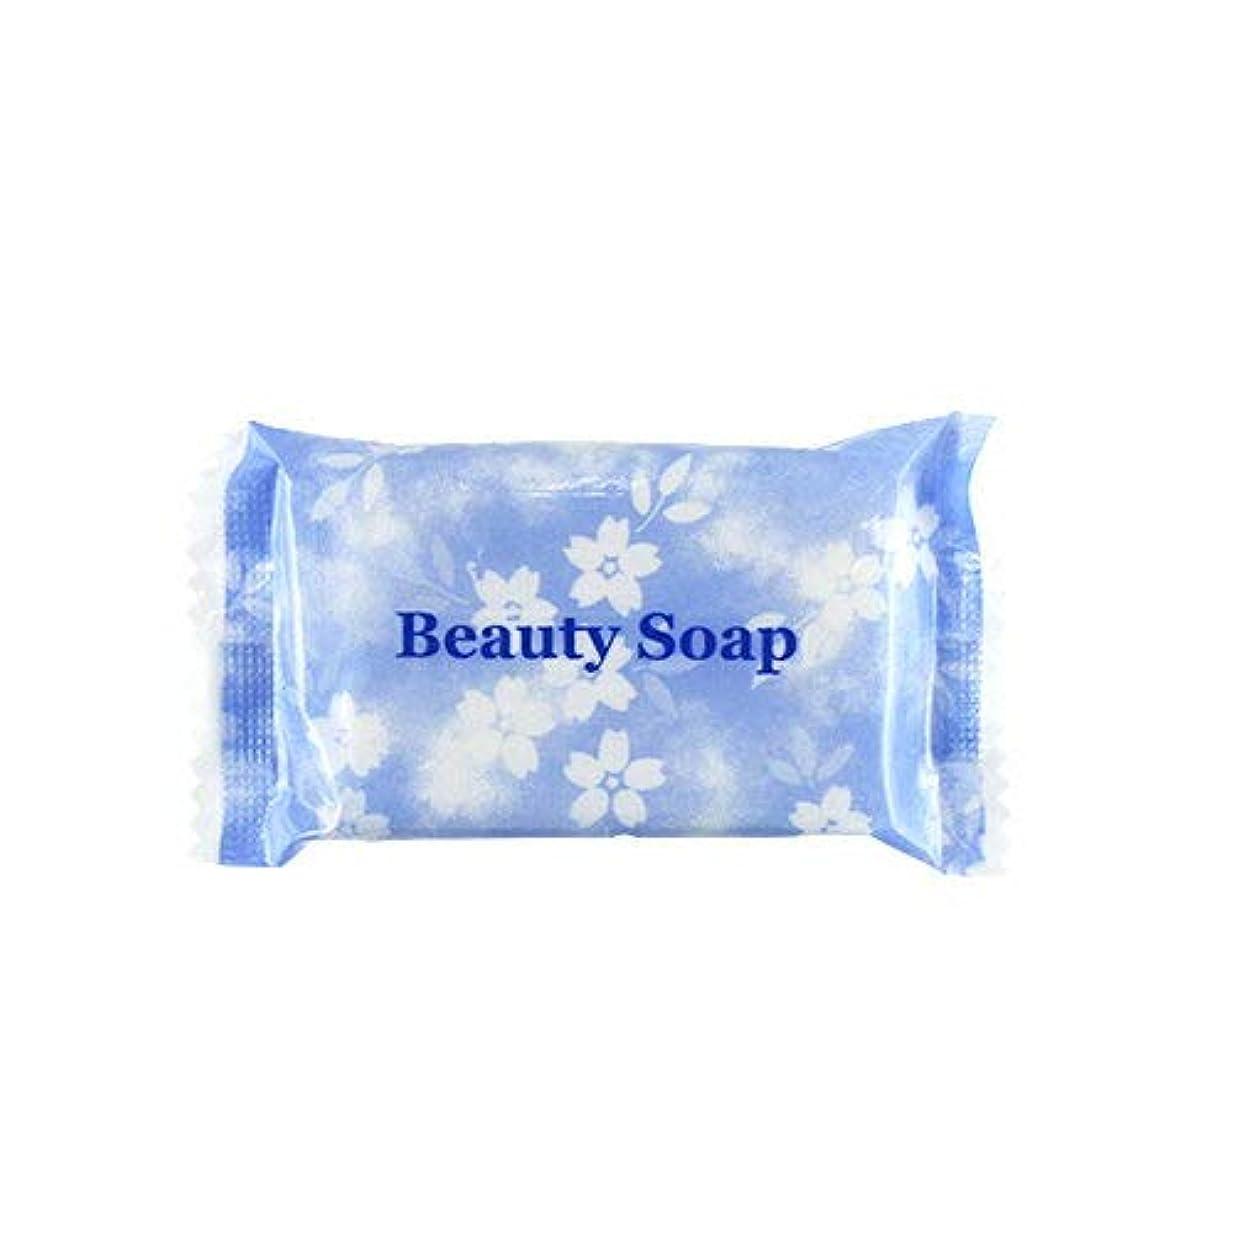 業務用 クロバーコーポレーション ビューティーソープ(Beauty Soap) 15g×500個セット | ホテルアメニティ 個包装